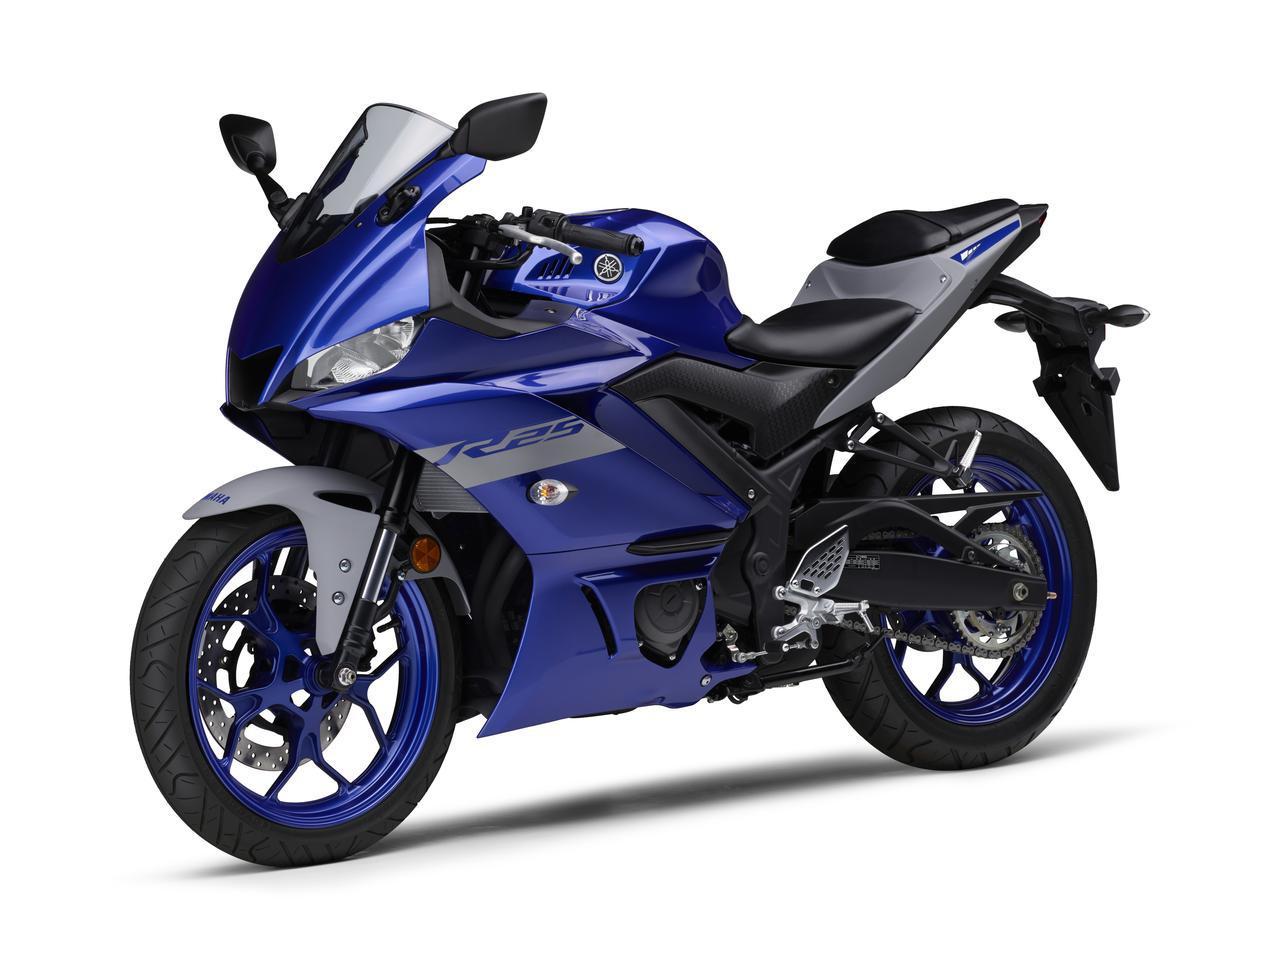 画像26: ヤマハ「YZF-R25/ABS」「YZF-R3 ABS」の2020年モデルが2月14日(金)発売! 3色展開で、すべてニューカラー!